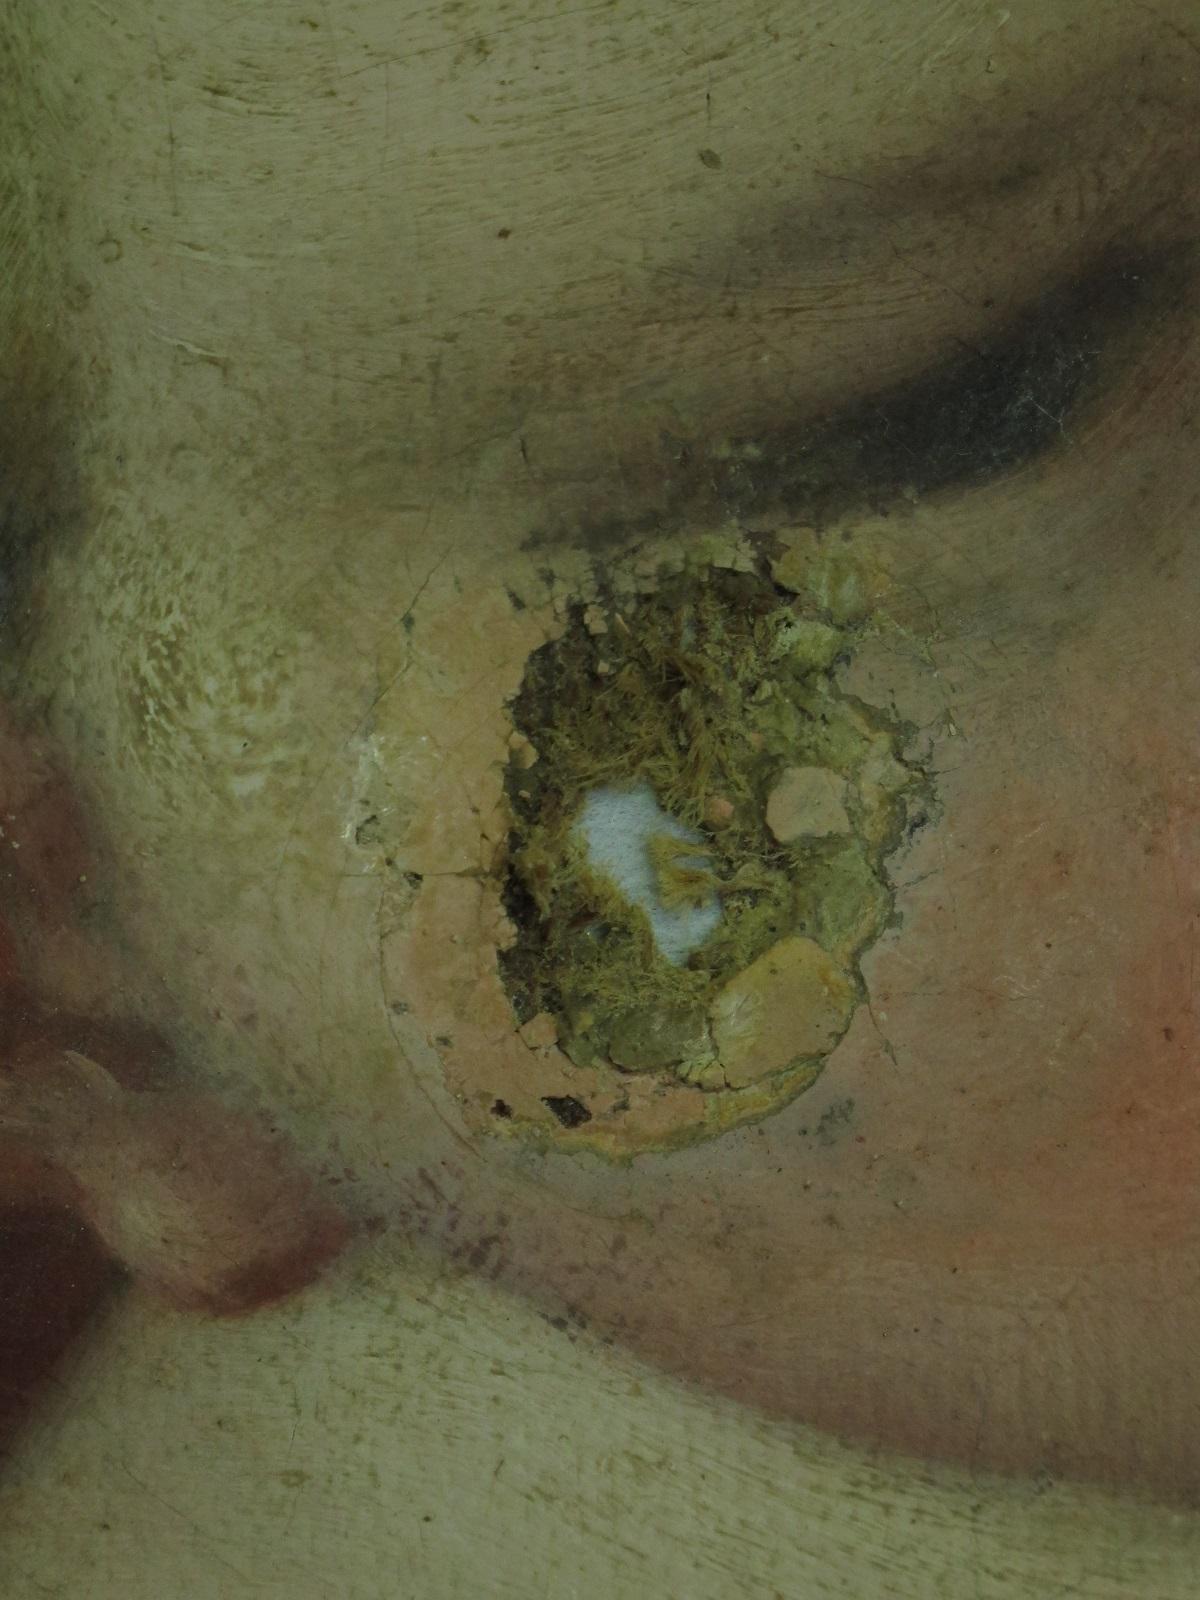 La muffa ha mangiato la guancia di Gesù Bambino